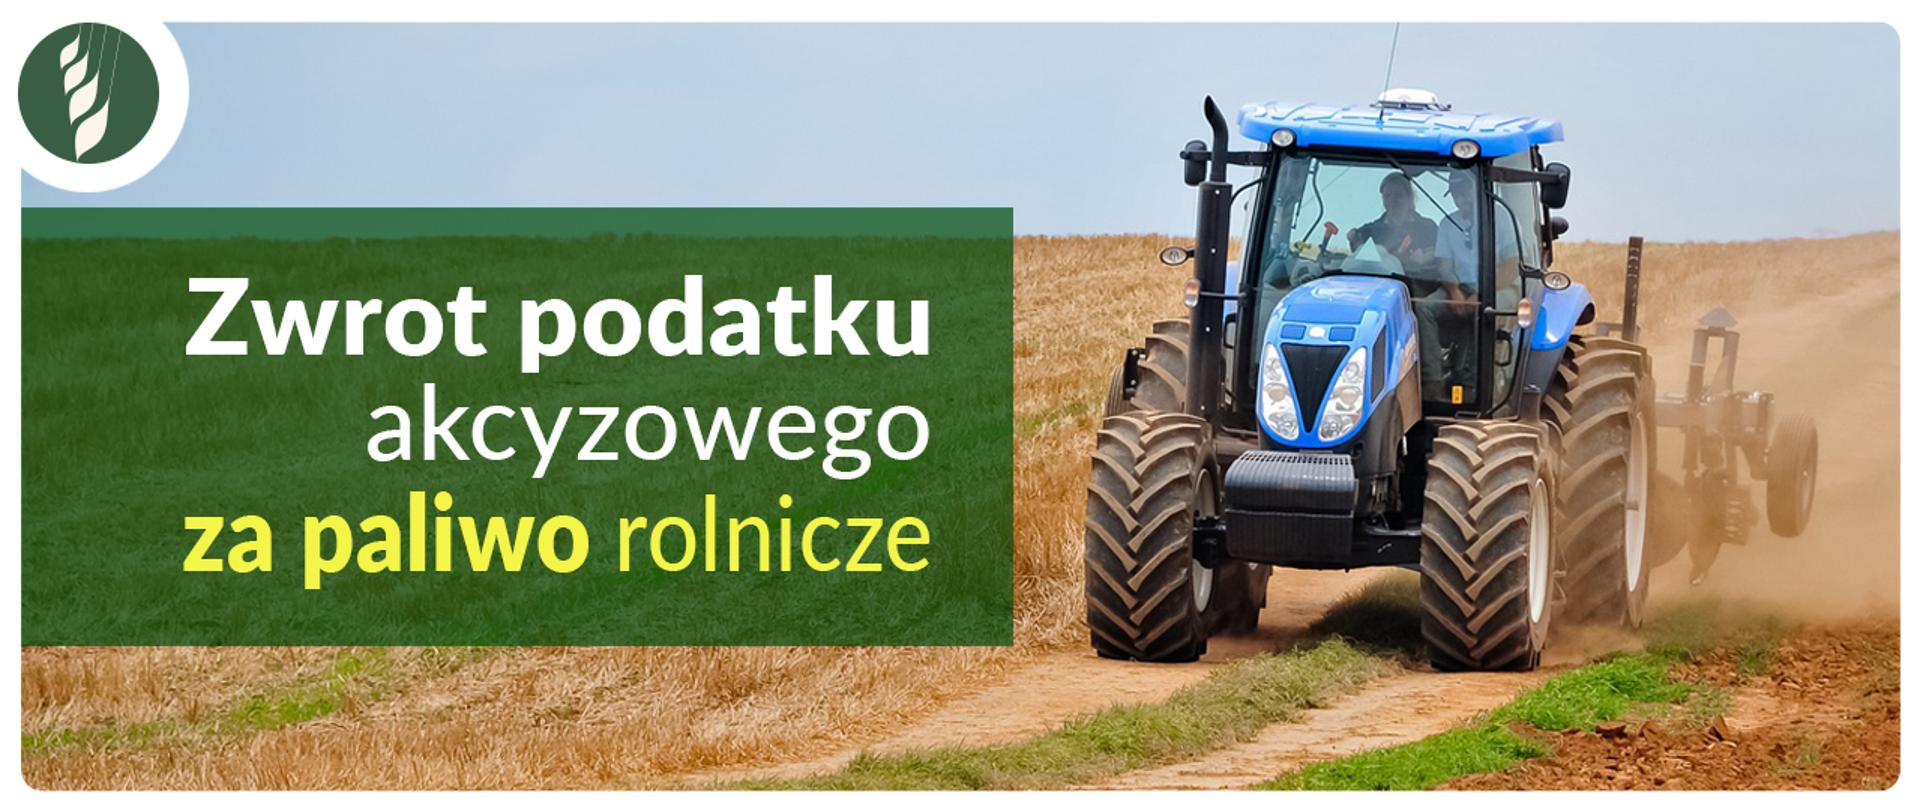 Zwrot podatku za paliwo rolnicze